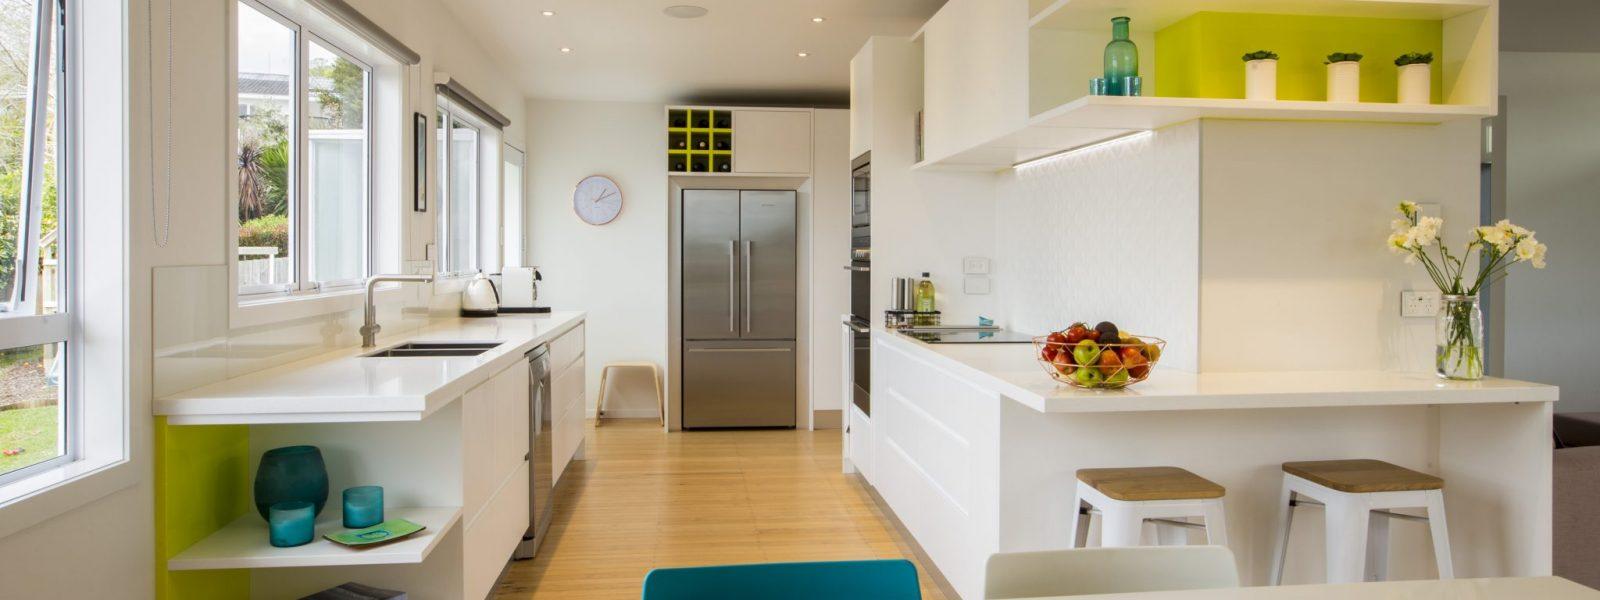 Kitchens - Header Image